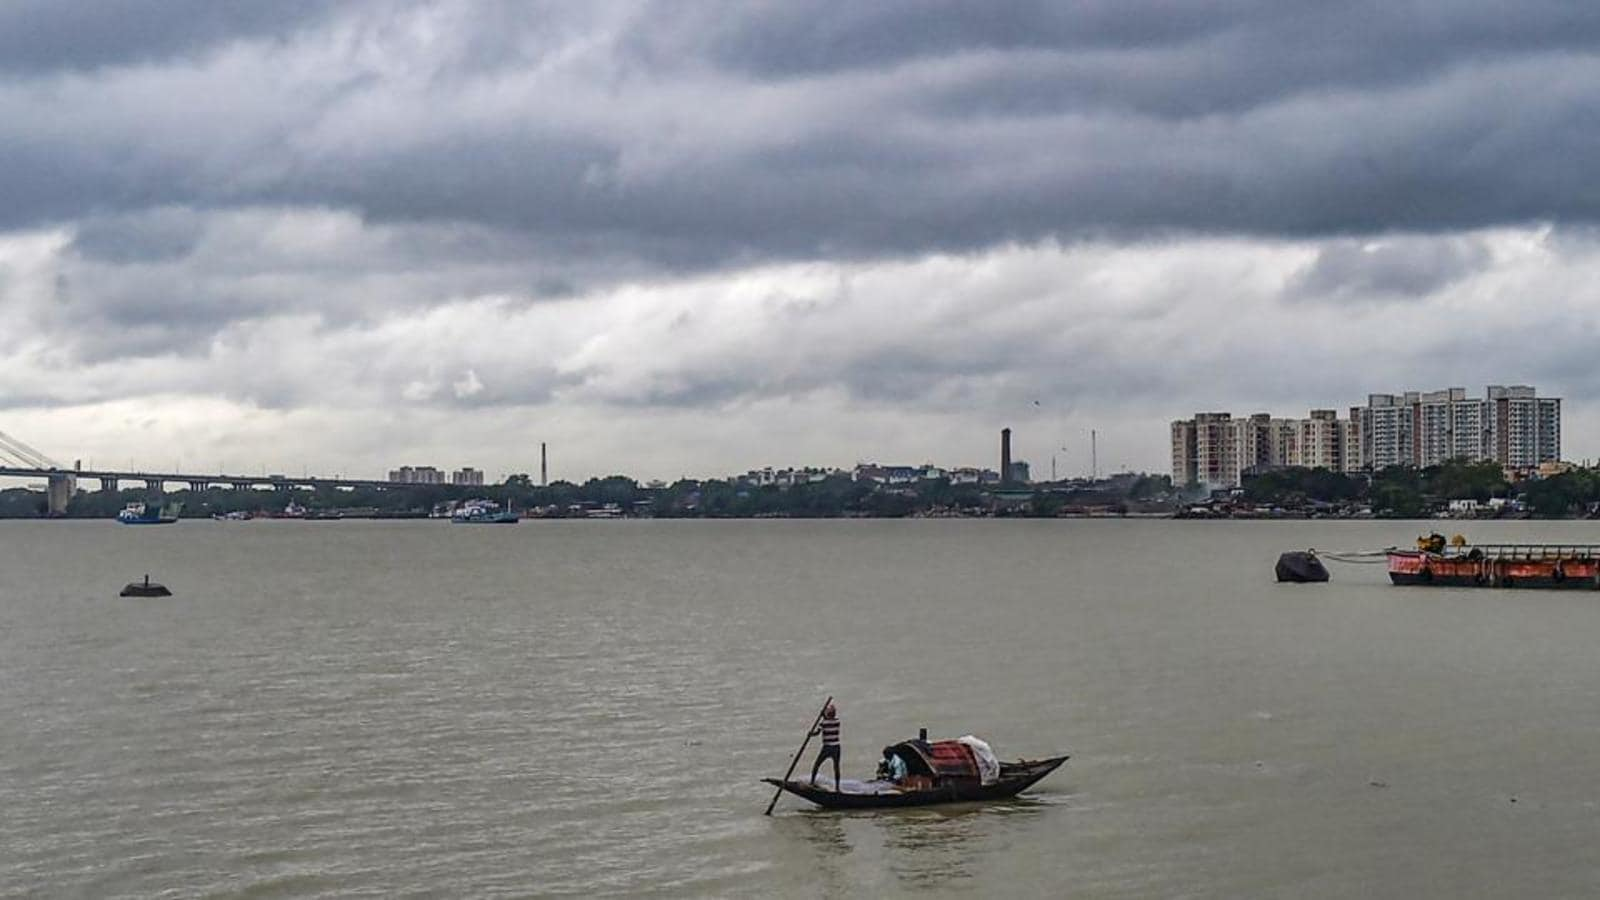 Heavy rain lashes Kolkata, south Bengal districts